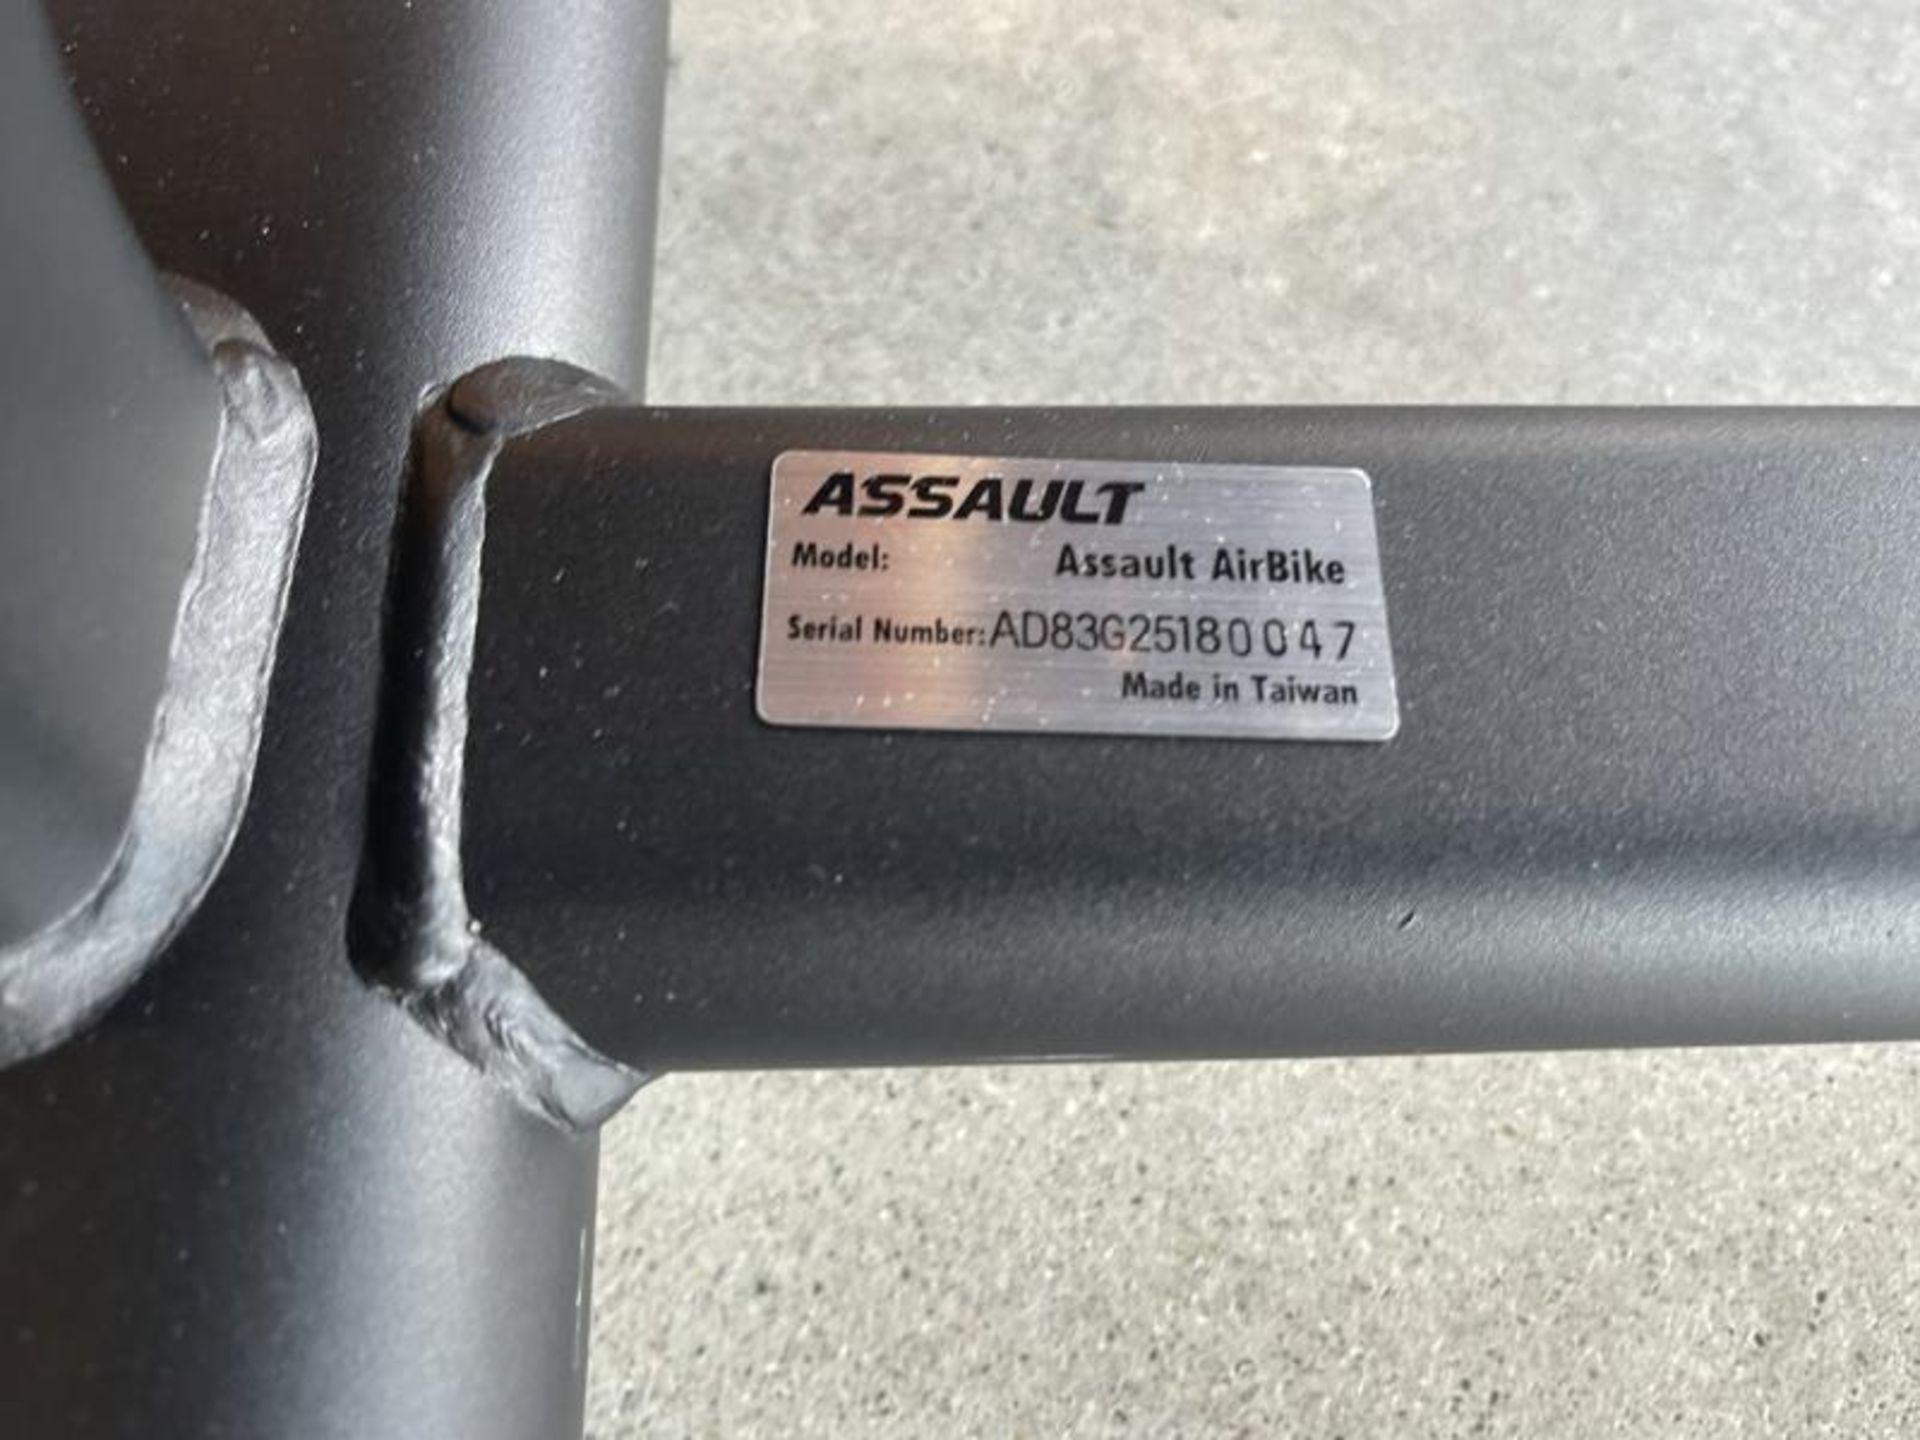 Assault Fitness Air Bike M: ASSAULTAIRBIKE - Image 4 of 4